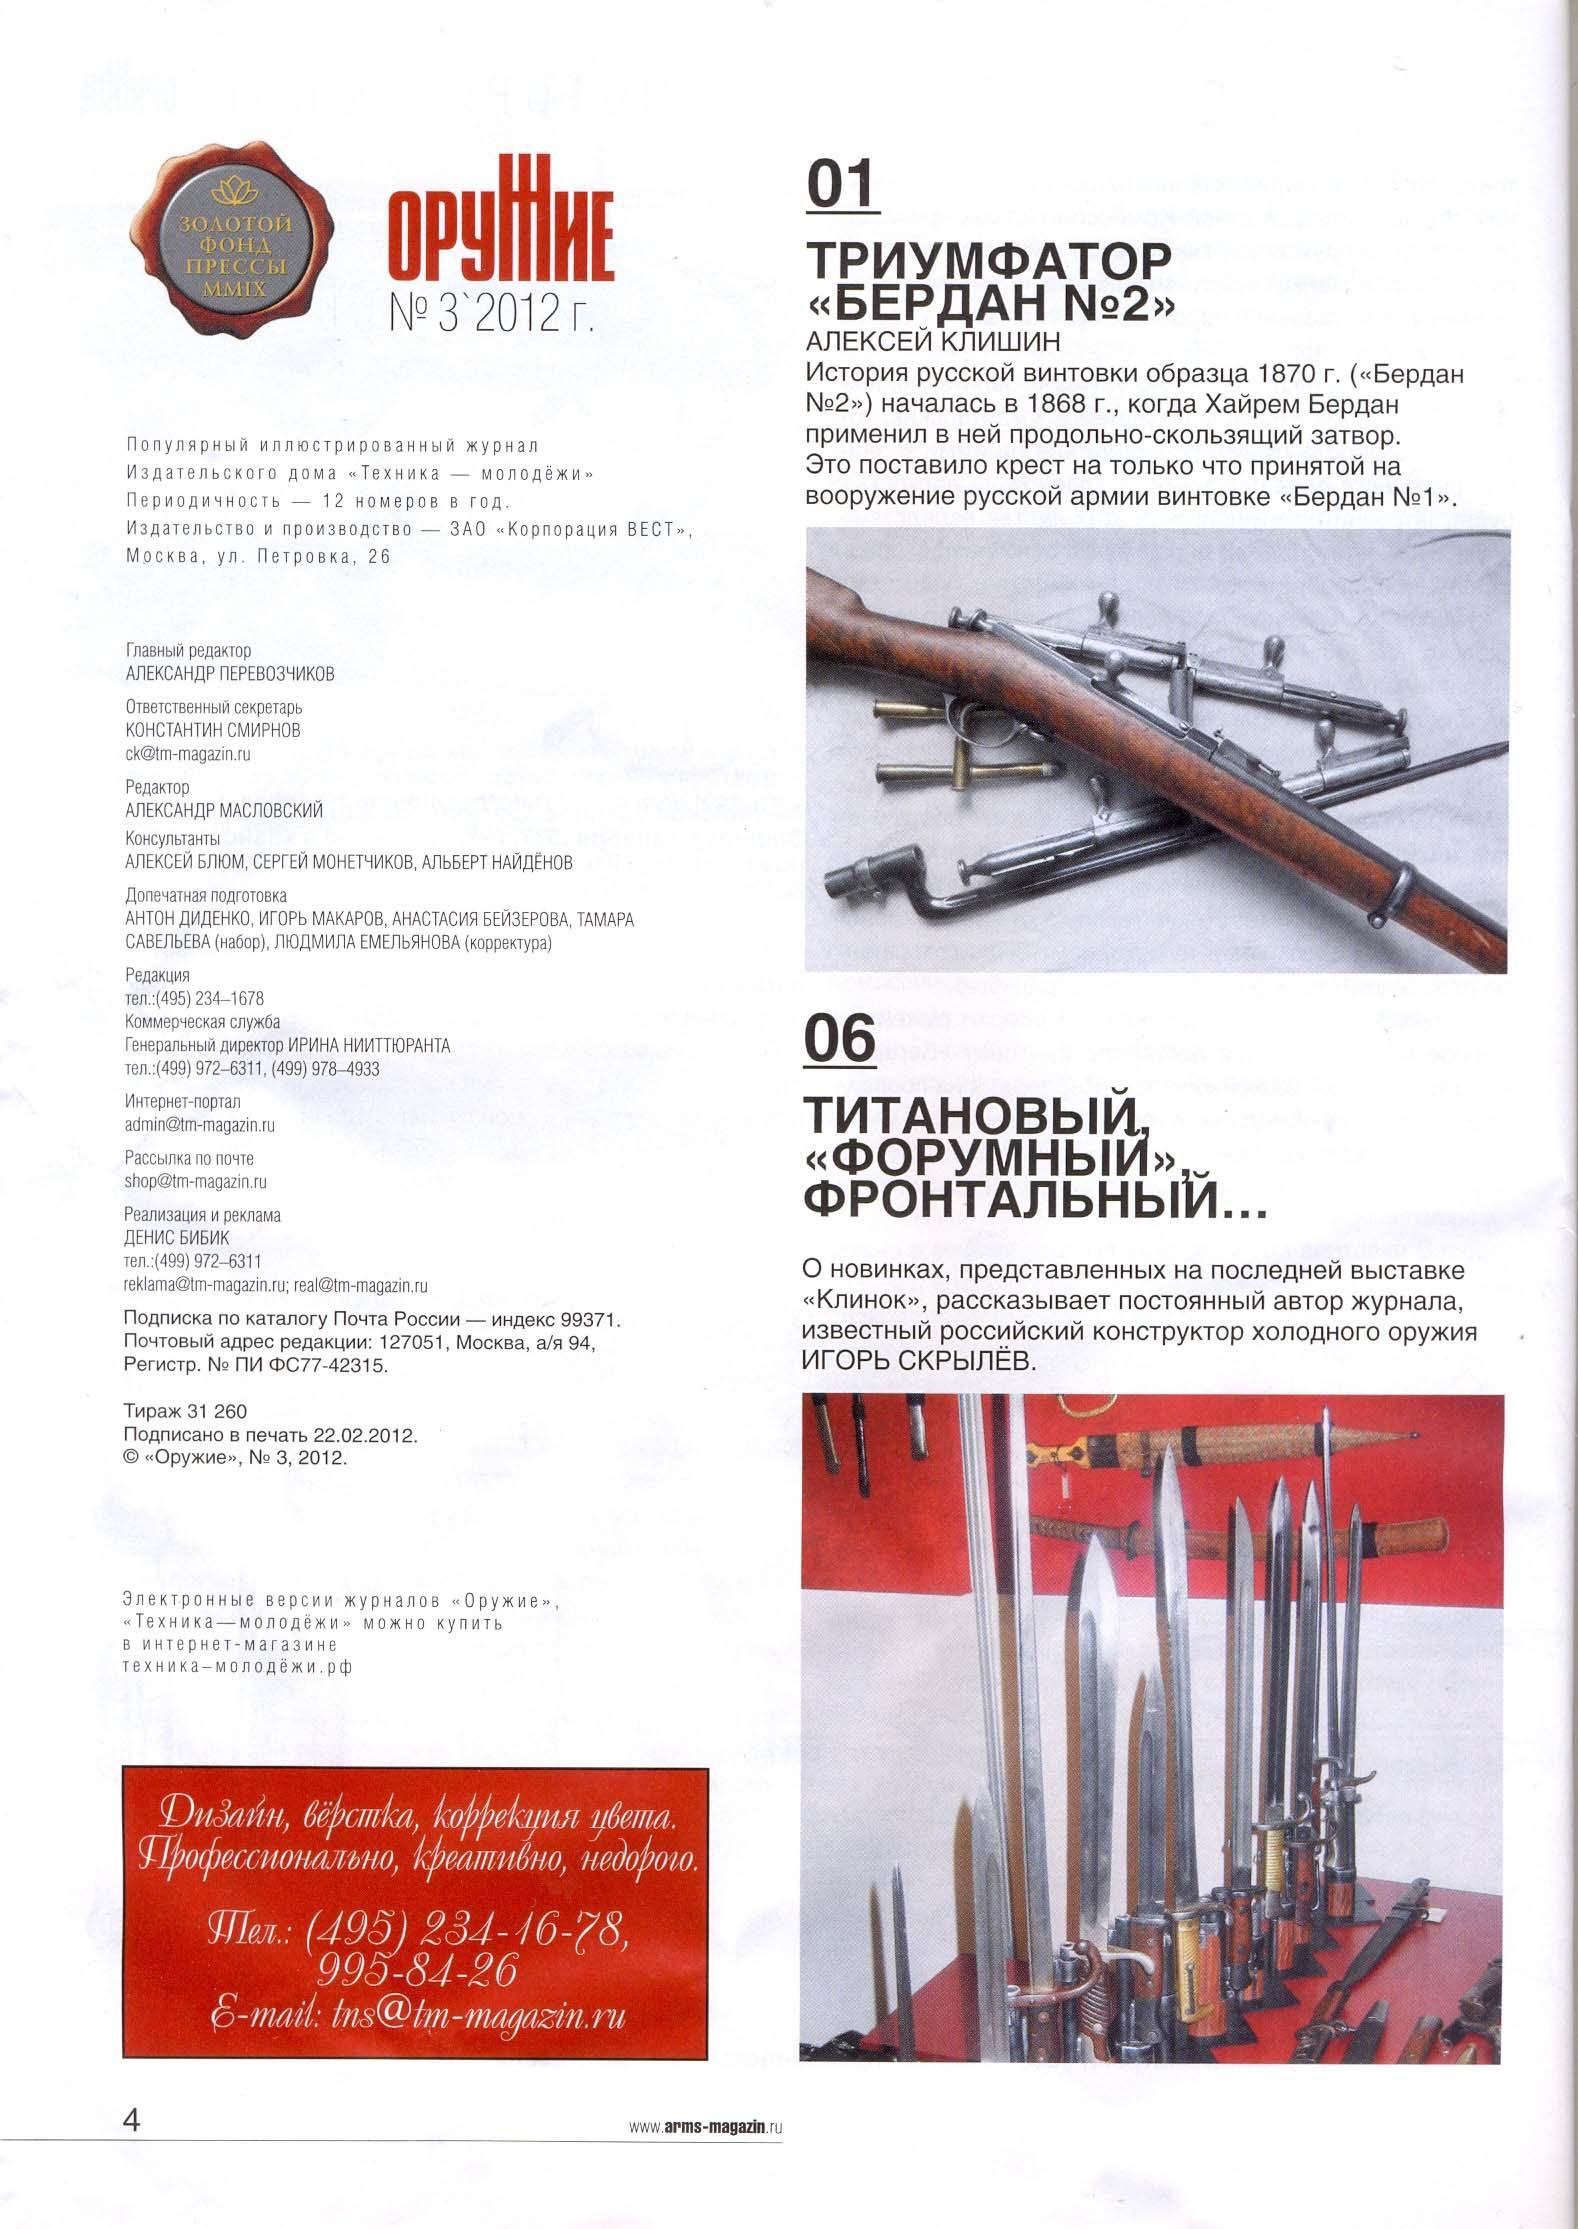 Содержание мартовского выпуска журнала Оружие